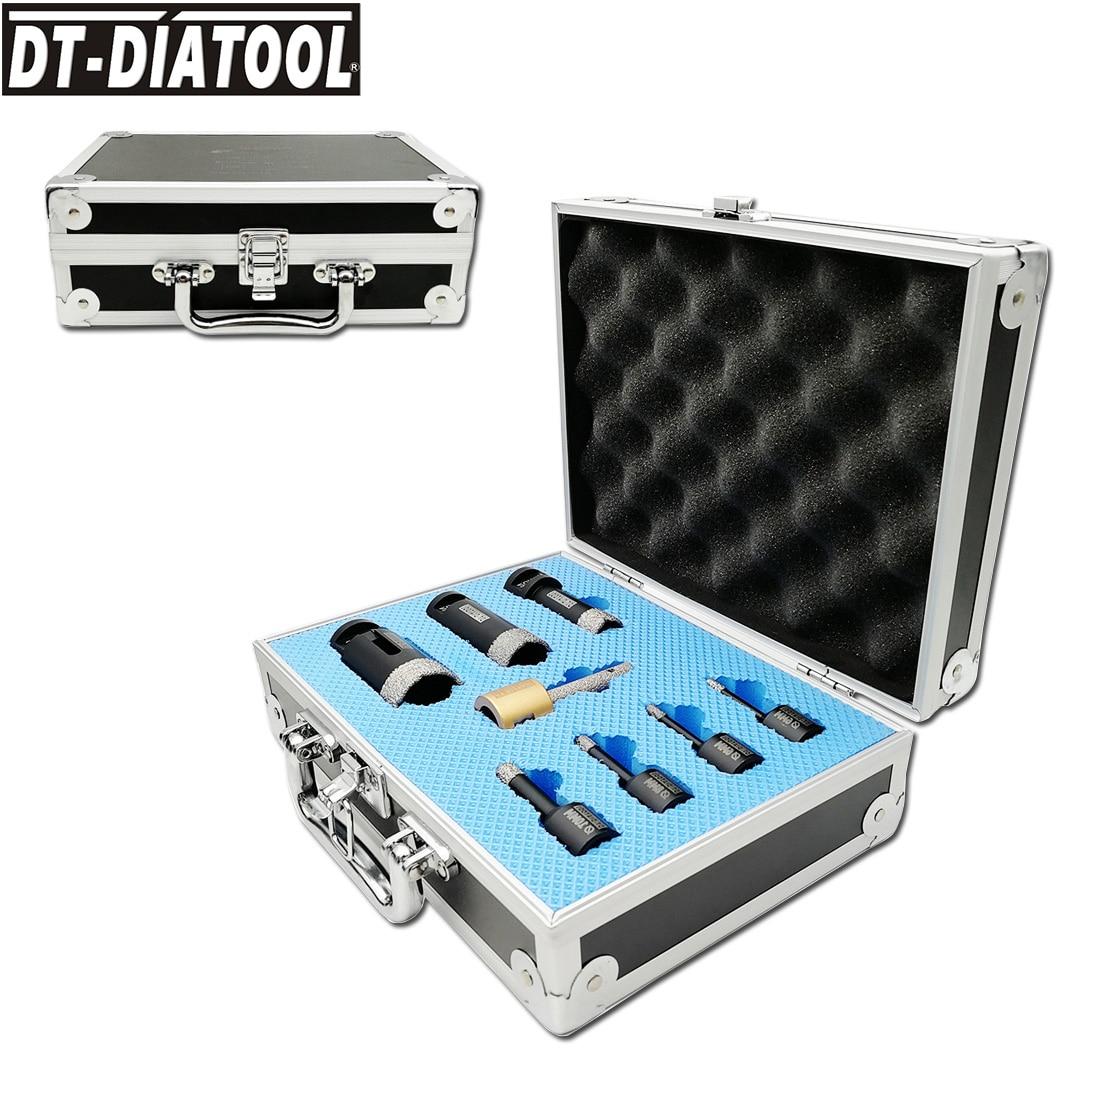 DT-DIATOOL 1kit/8pcs Diamond Drill Core Bits Sets M14 Connection Hole Saw Mixed Size Plus Finger Bits For Tile Porcelain Ceramic